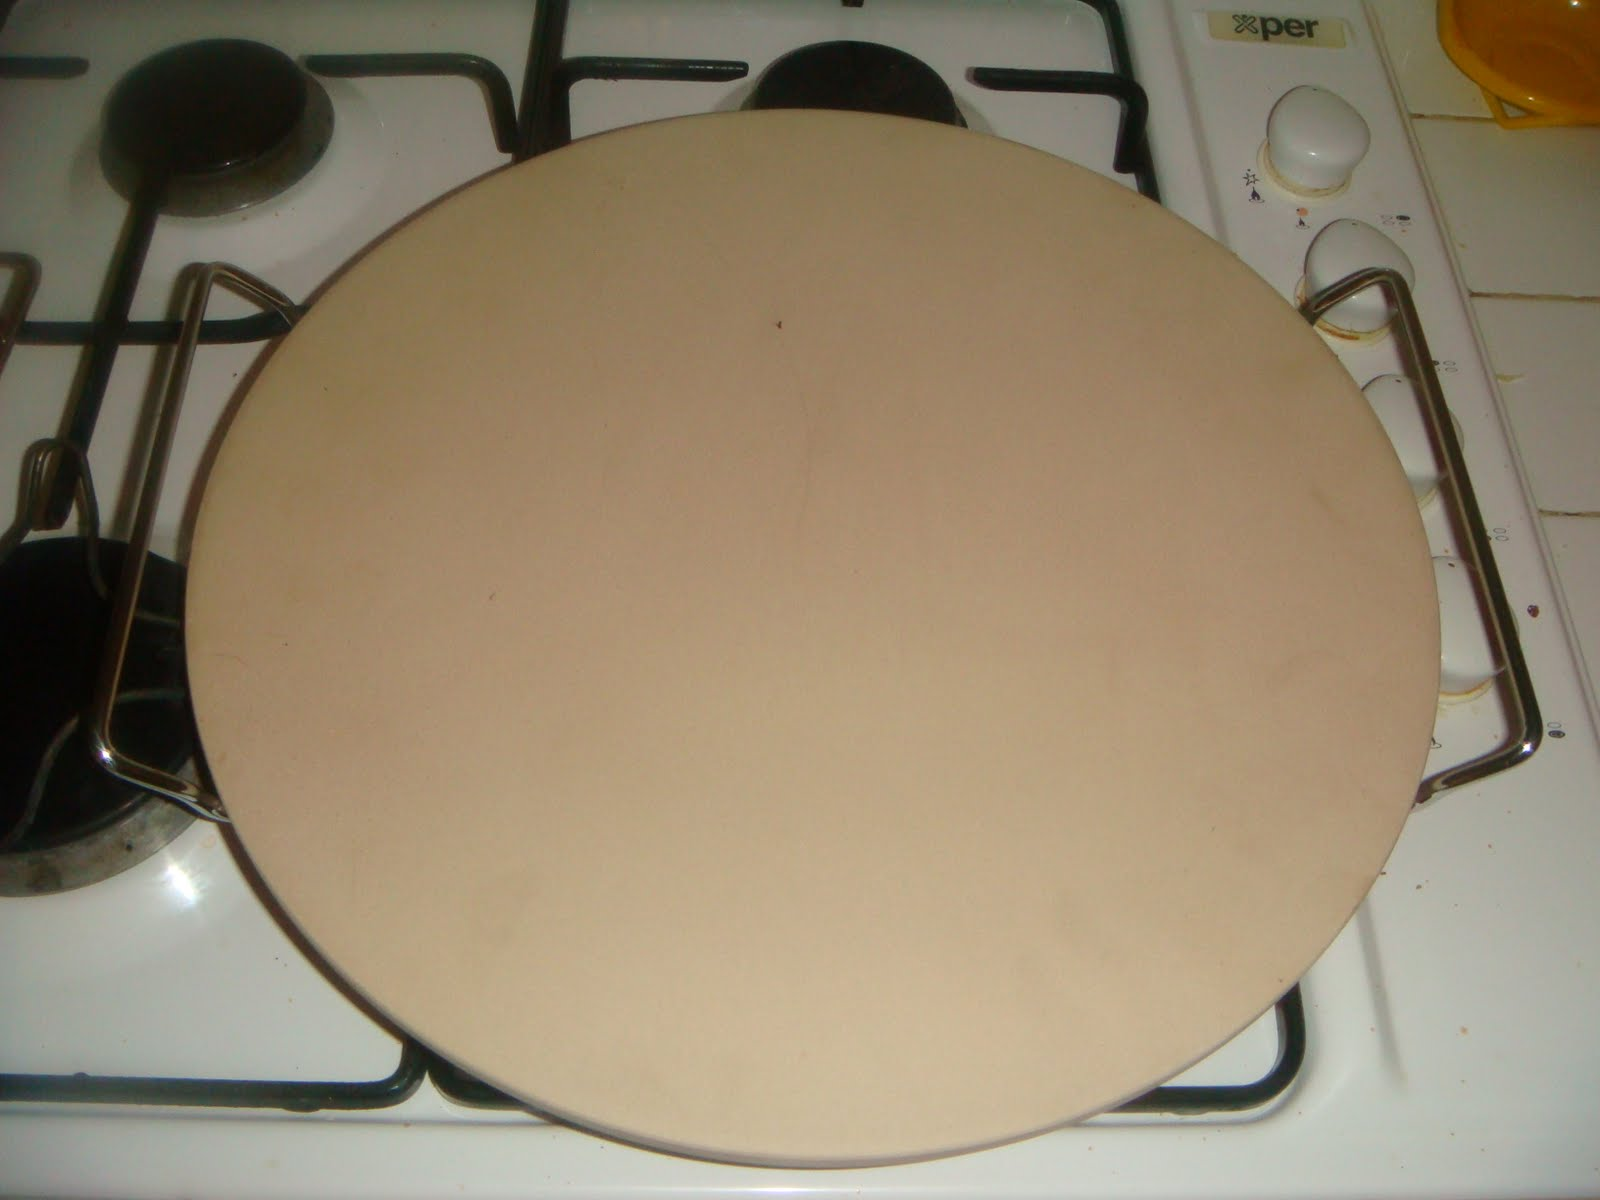 Dolcemente salato pizza a lievitazione 24h e pietra - Pietra refrattaria da forno per pizza ...